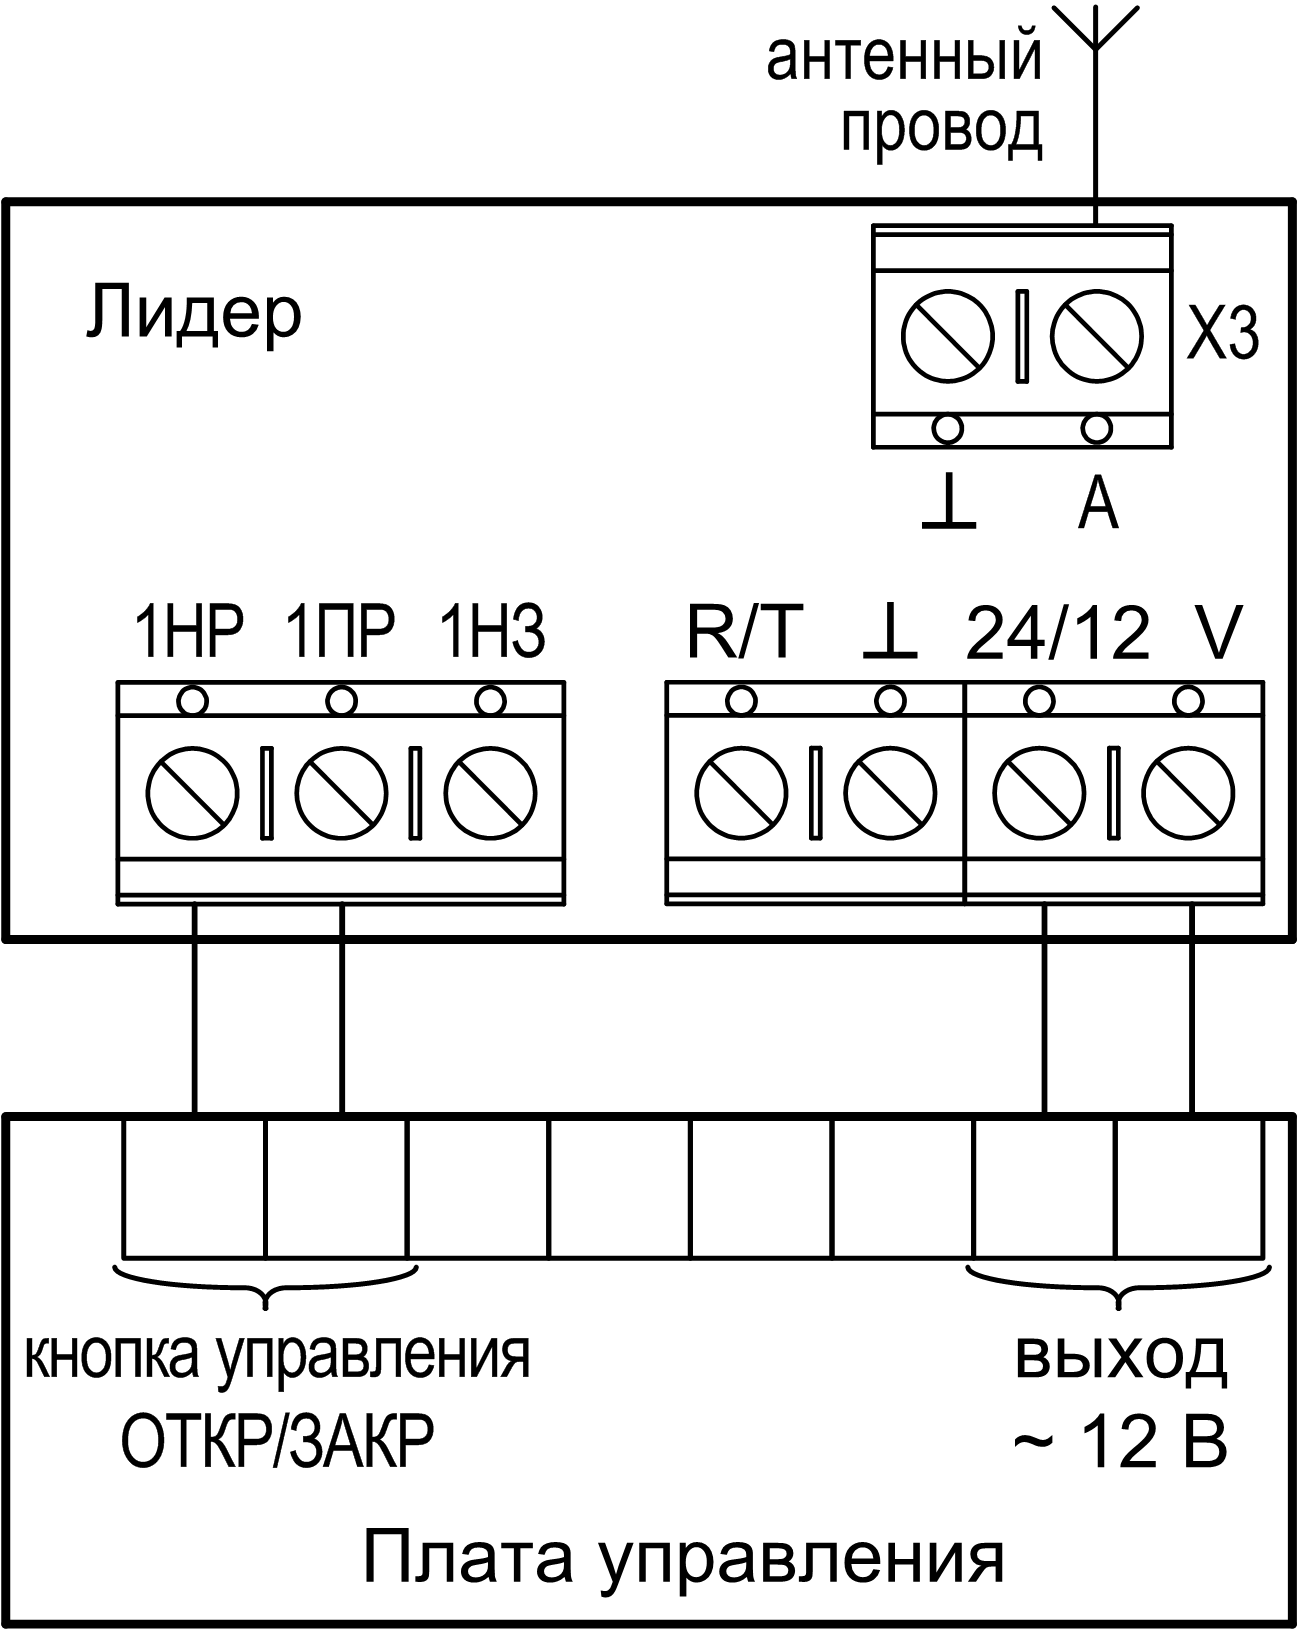 датчик коммутатор сонар ик схема подключения